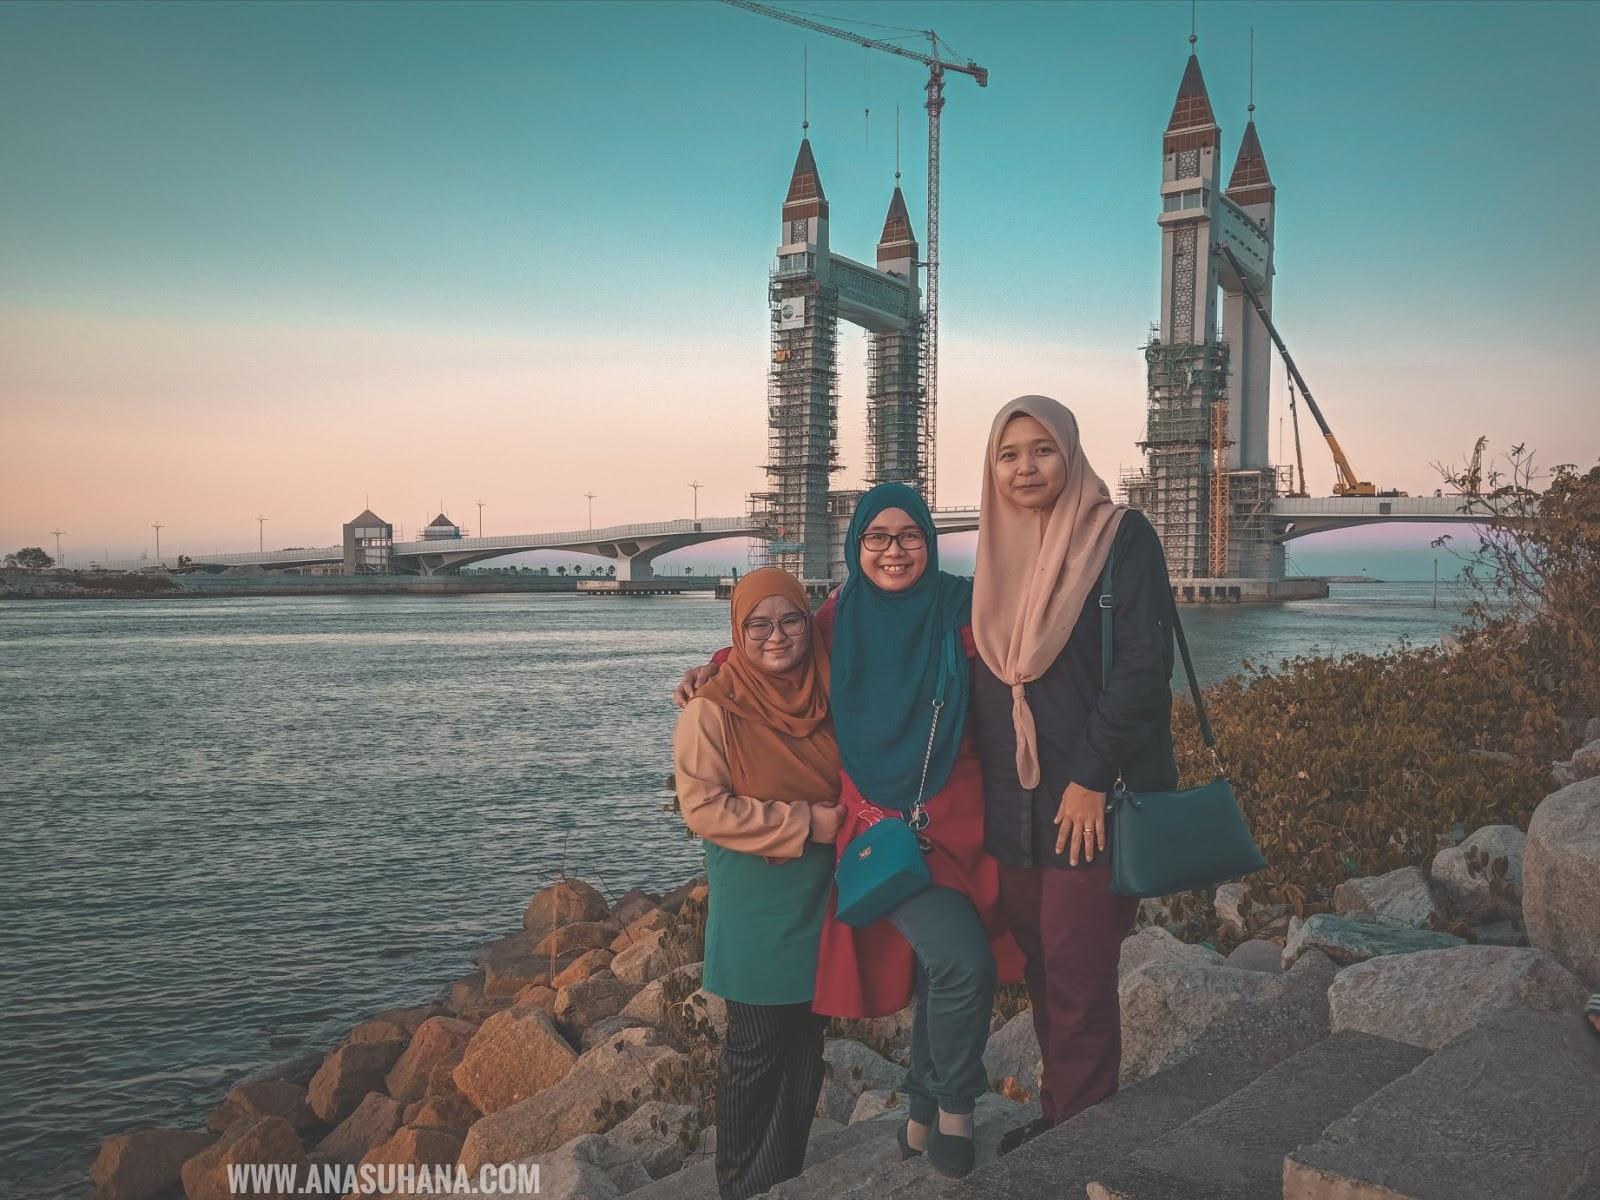 Terengganu Draw Bridge